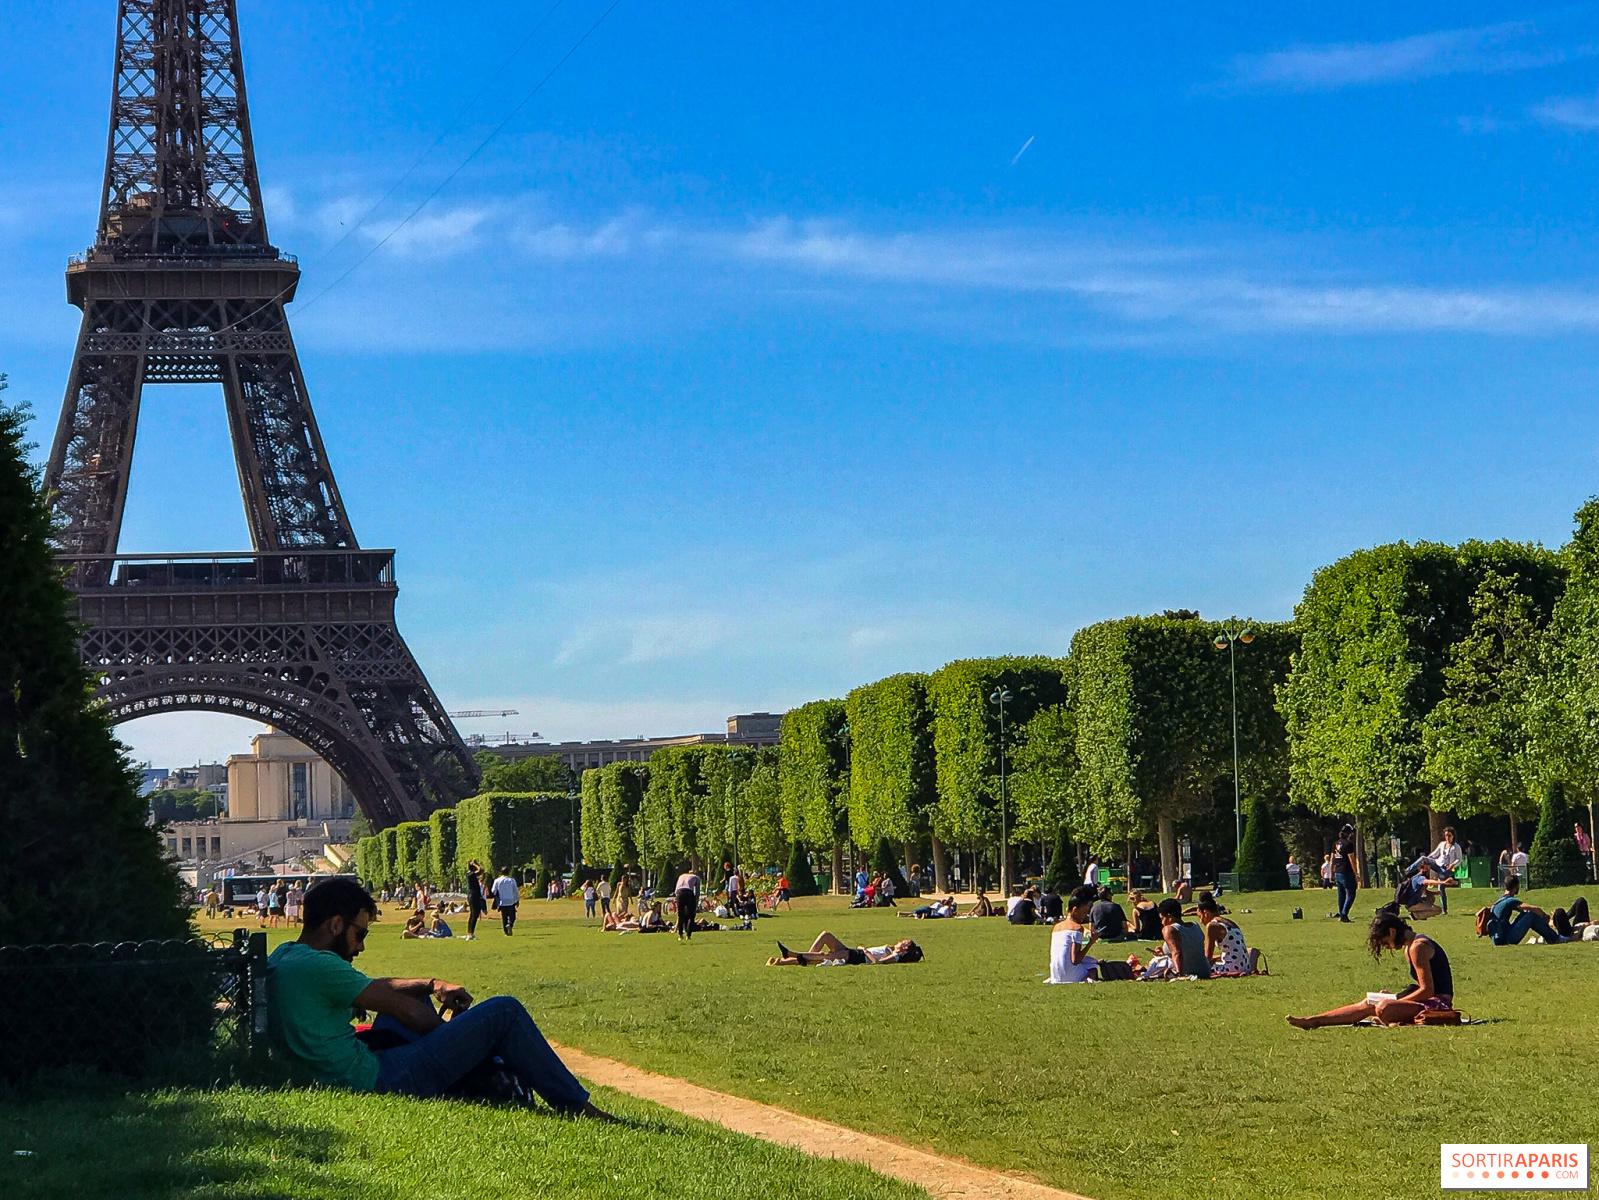 Les bons plans du week end à Paris du 7 au 9 août 2020